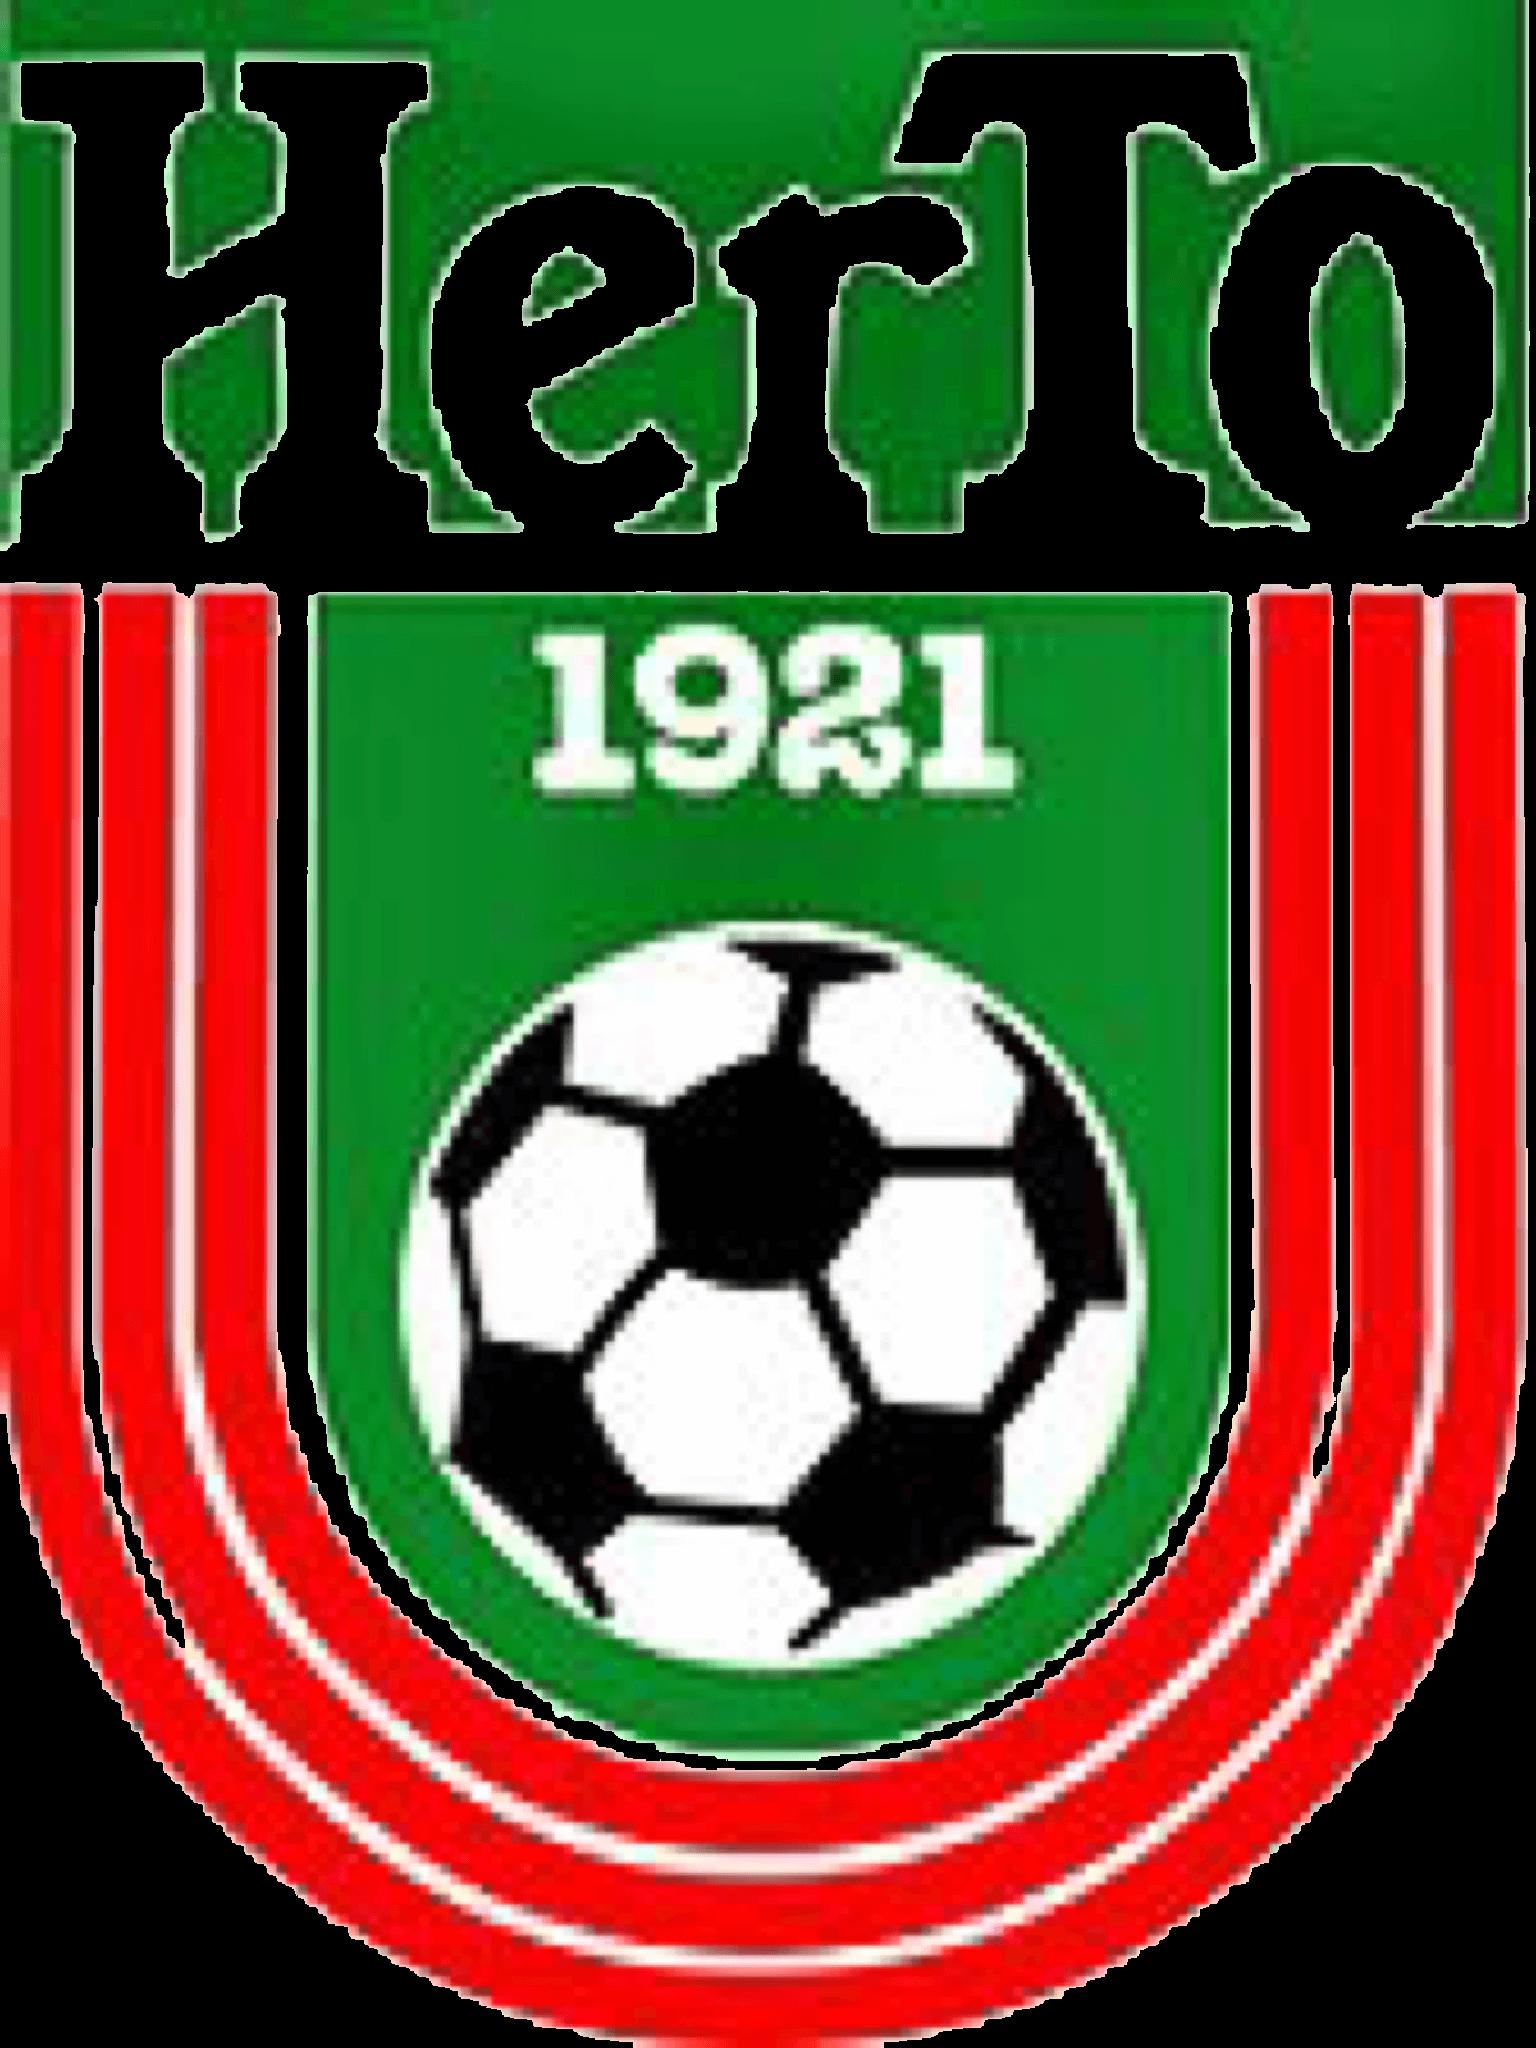 Herttoniemen toverit Ry urheiluseuran logo